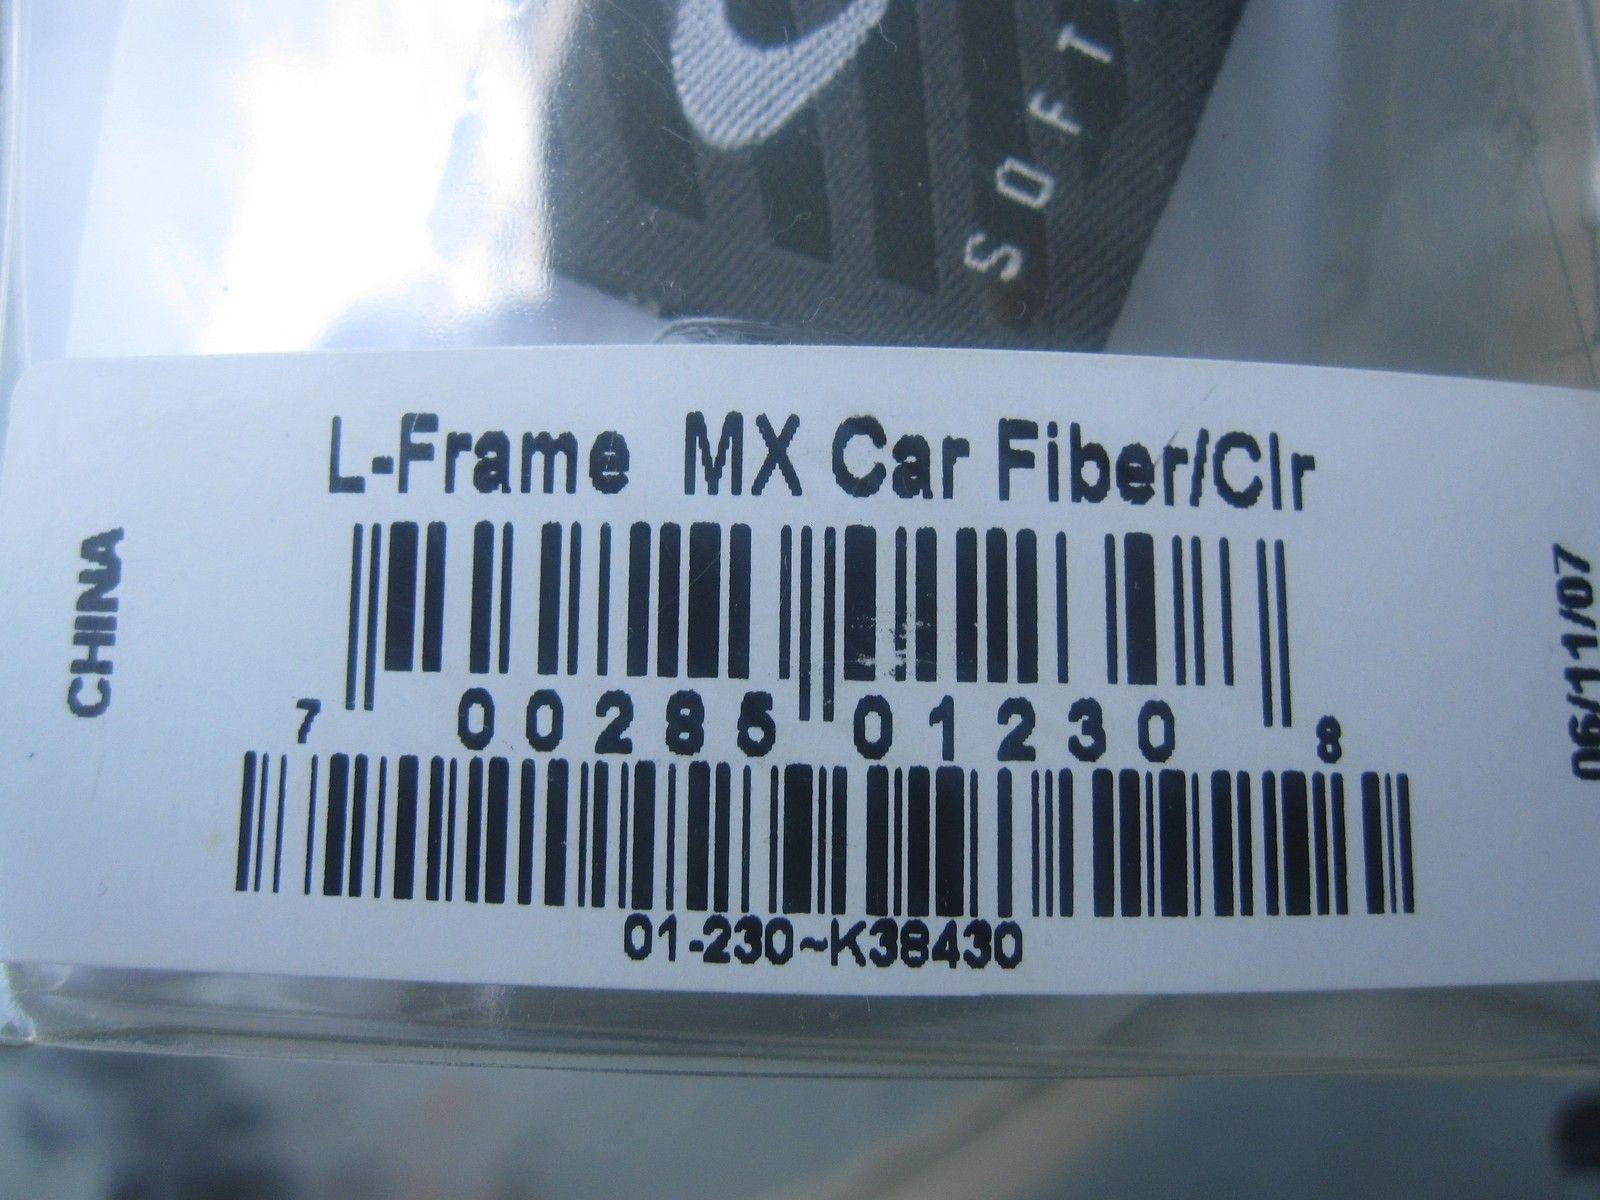 OAKLEY L FRAME MX - Over Glasses goggles Atv/Moto/dirt - Carbon Fiber - IMG_2805.JPG